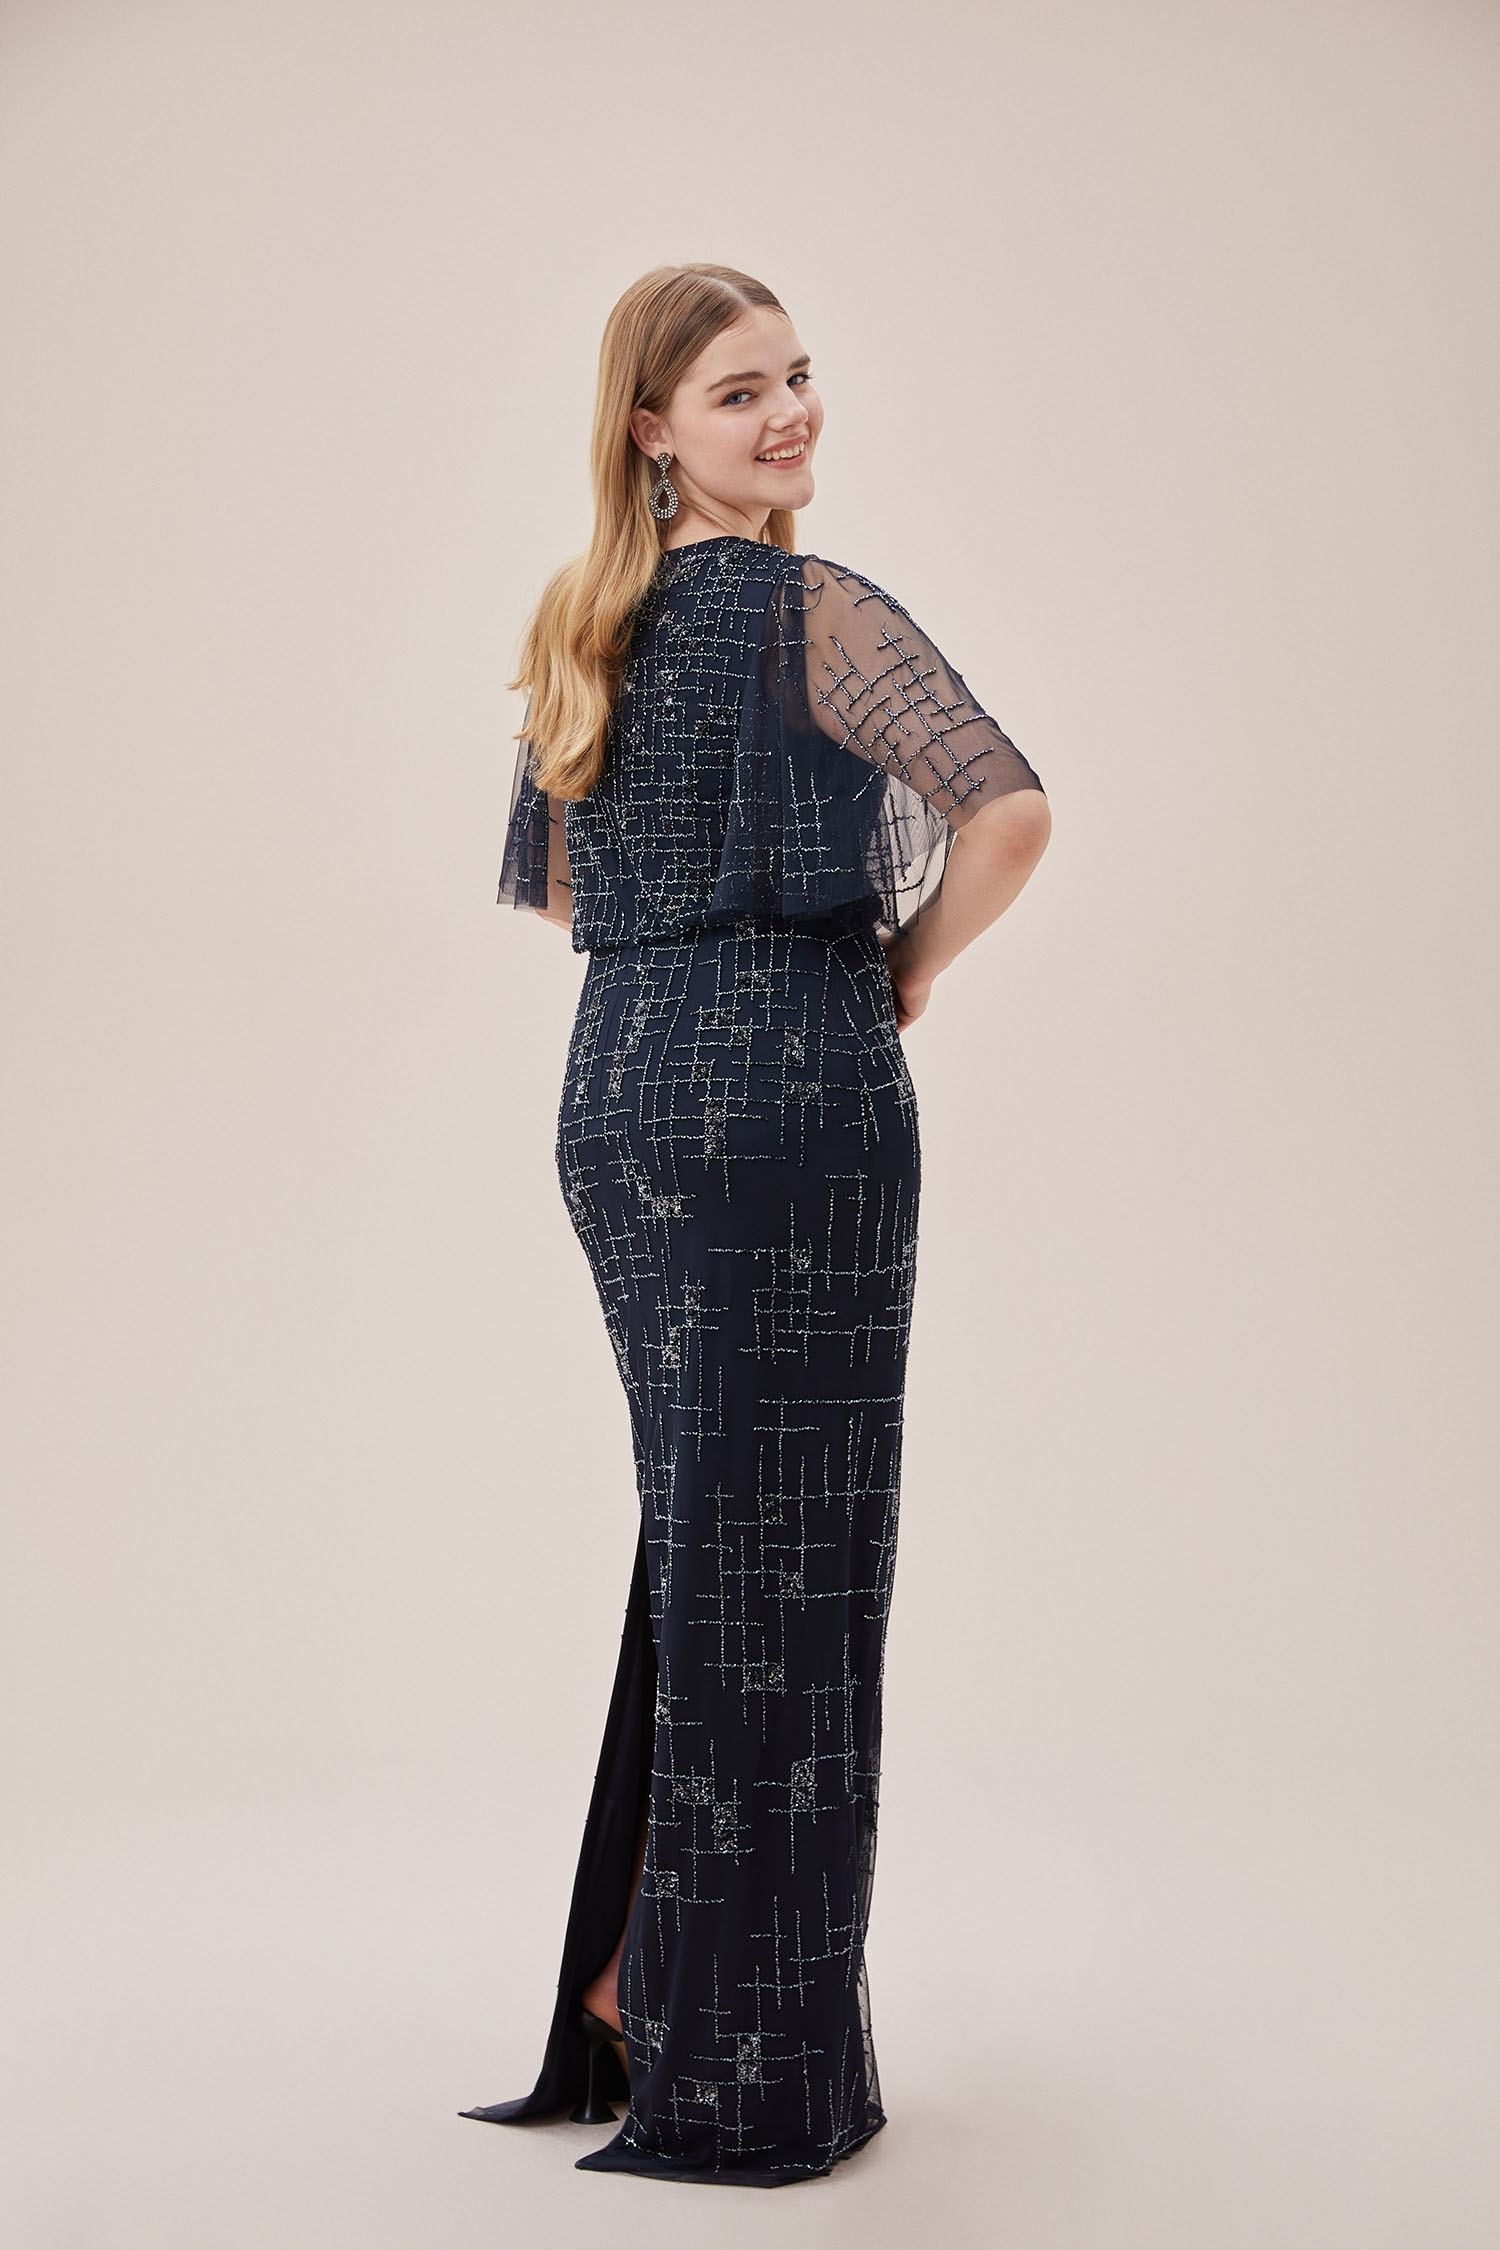 Lacivert Payet İşlemeli Tül Kısa Kollu Uzun Büyük Beden Abiye Elbise - Thumbnail